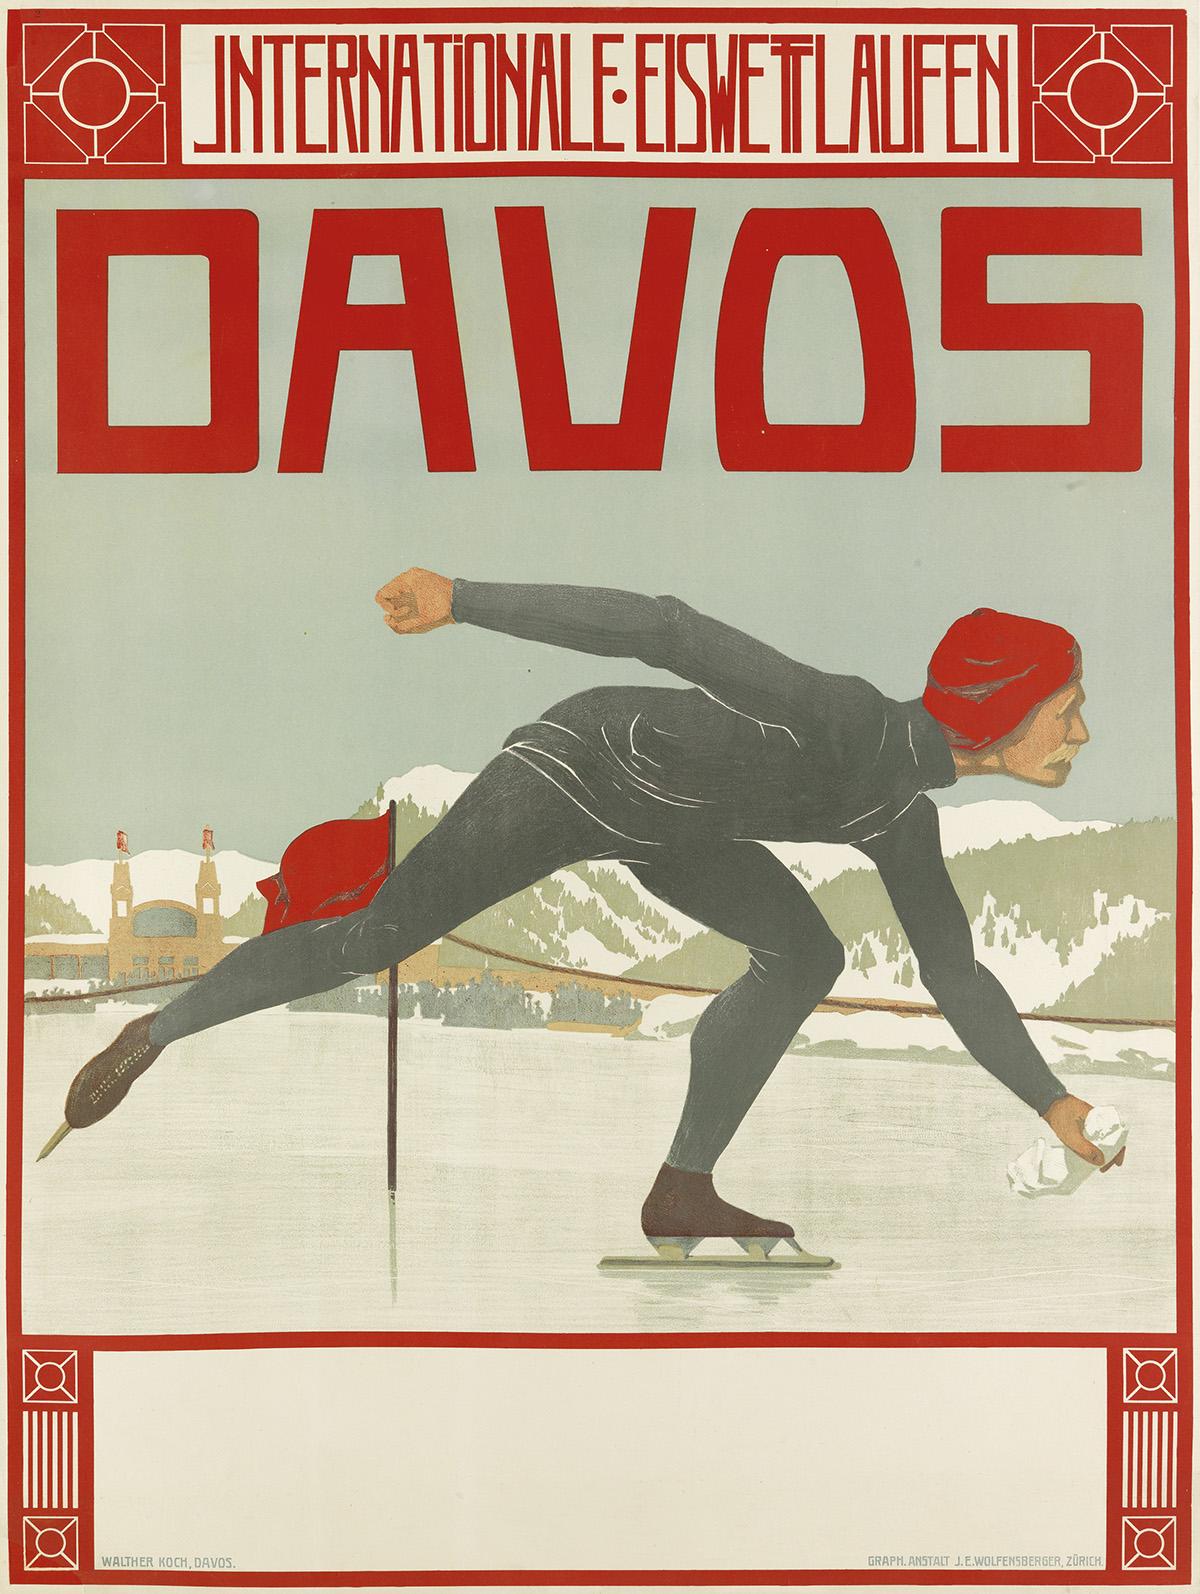 WALTHER-KOCH-(1875-1915)-DAVOS--INTERNATIONALE-EISWETTLAUFEN